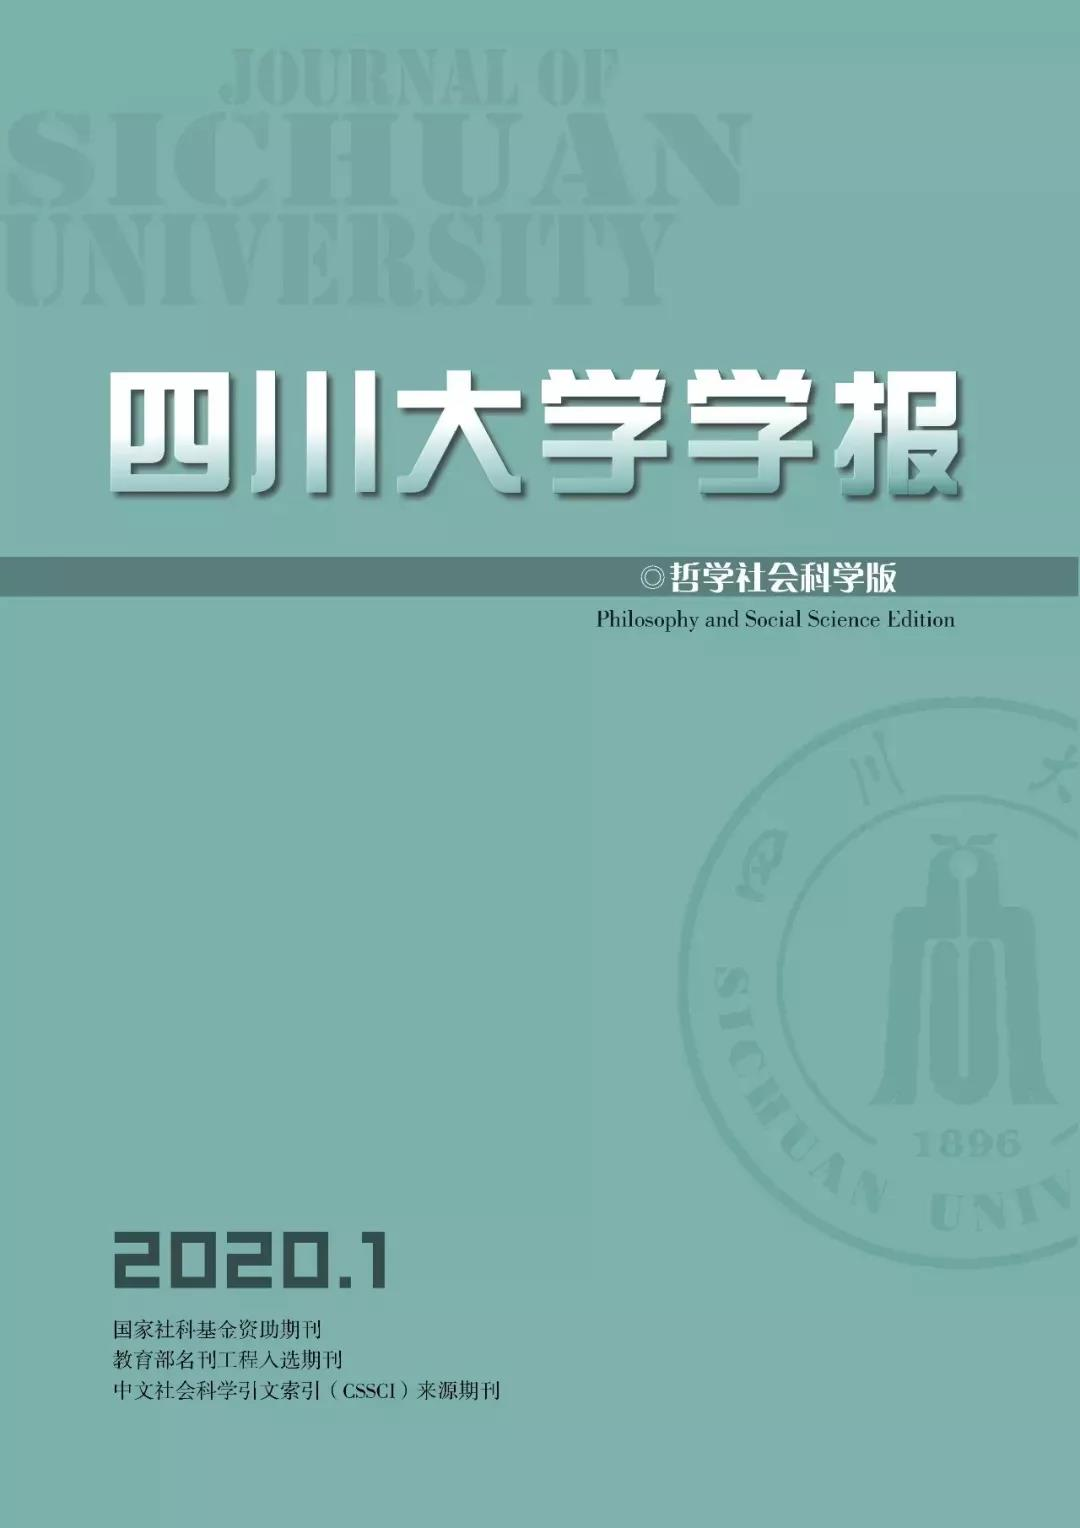 四川大學學報(哲學社會科學版)2020年第1期目錄